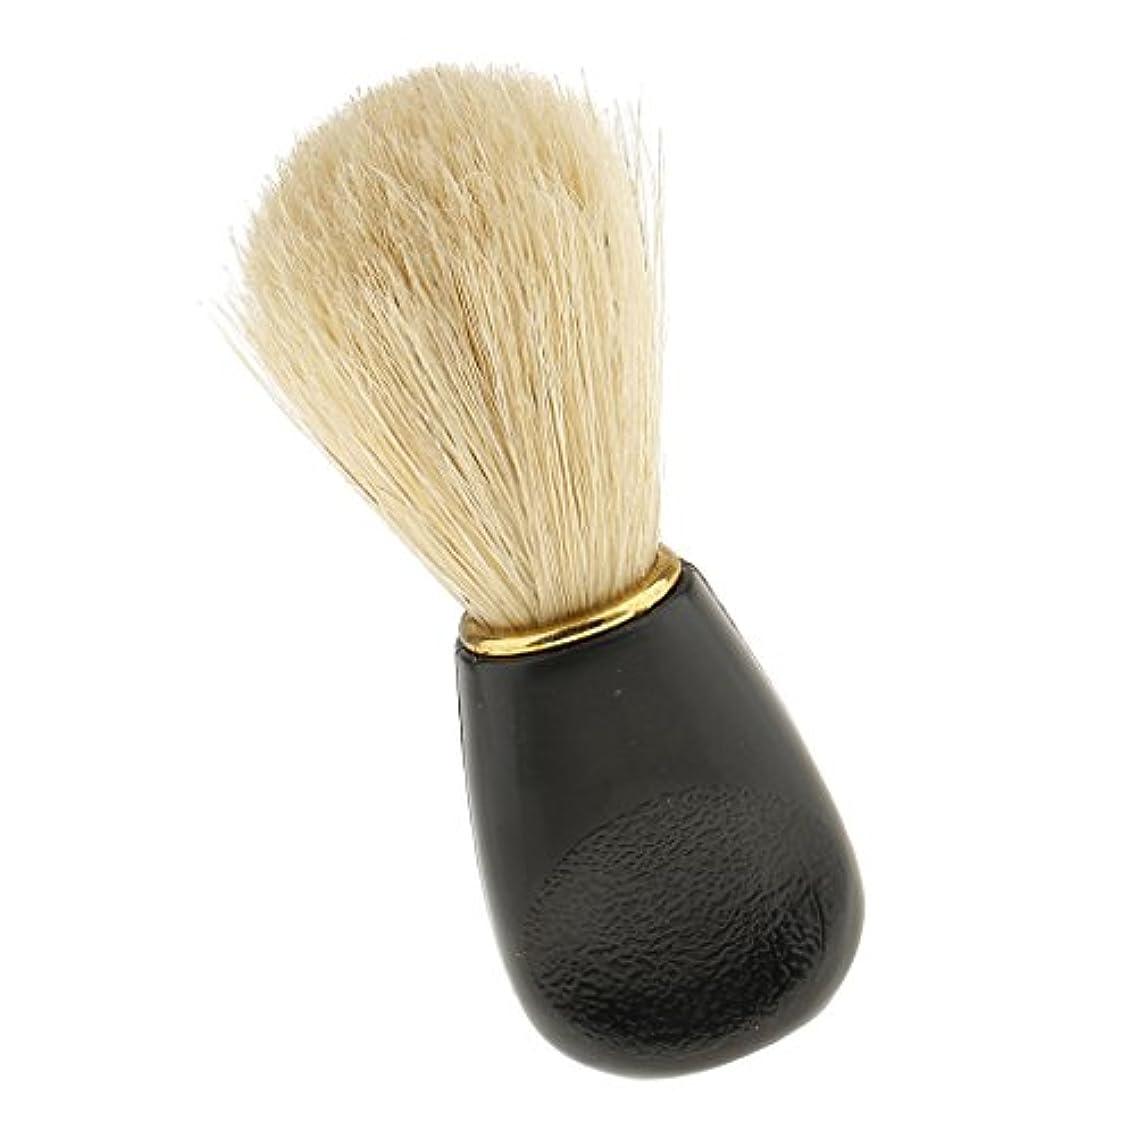 昼寝しなやかに勝るKesoto プラスチック ハンドル メンズ シェービングブラシ 髭剃り 泡立ち ソフト ブラシ 全2種類 - ブラック